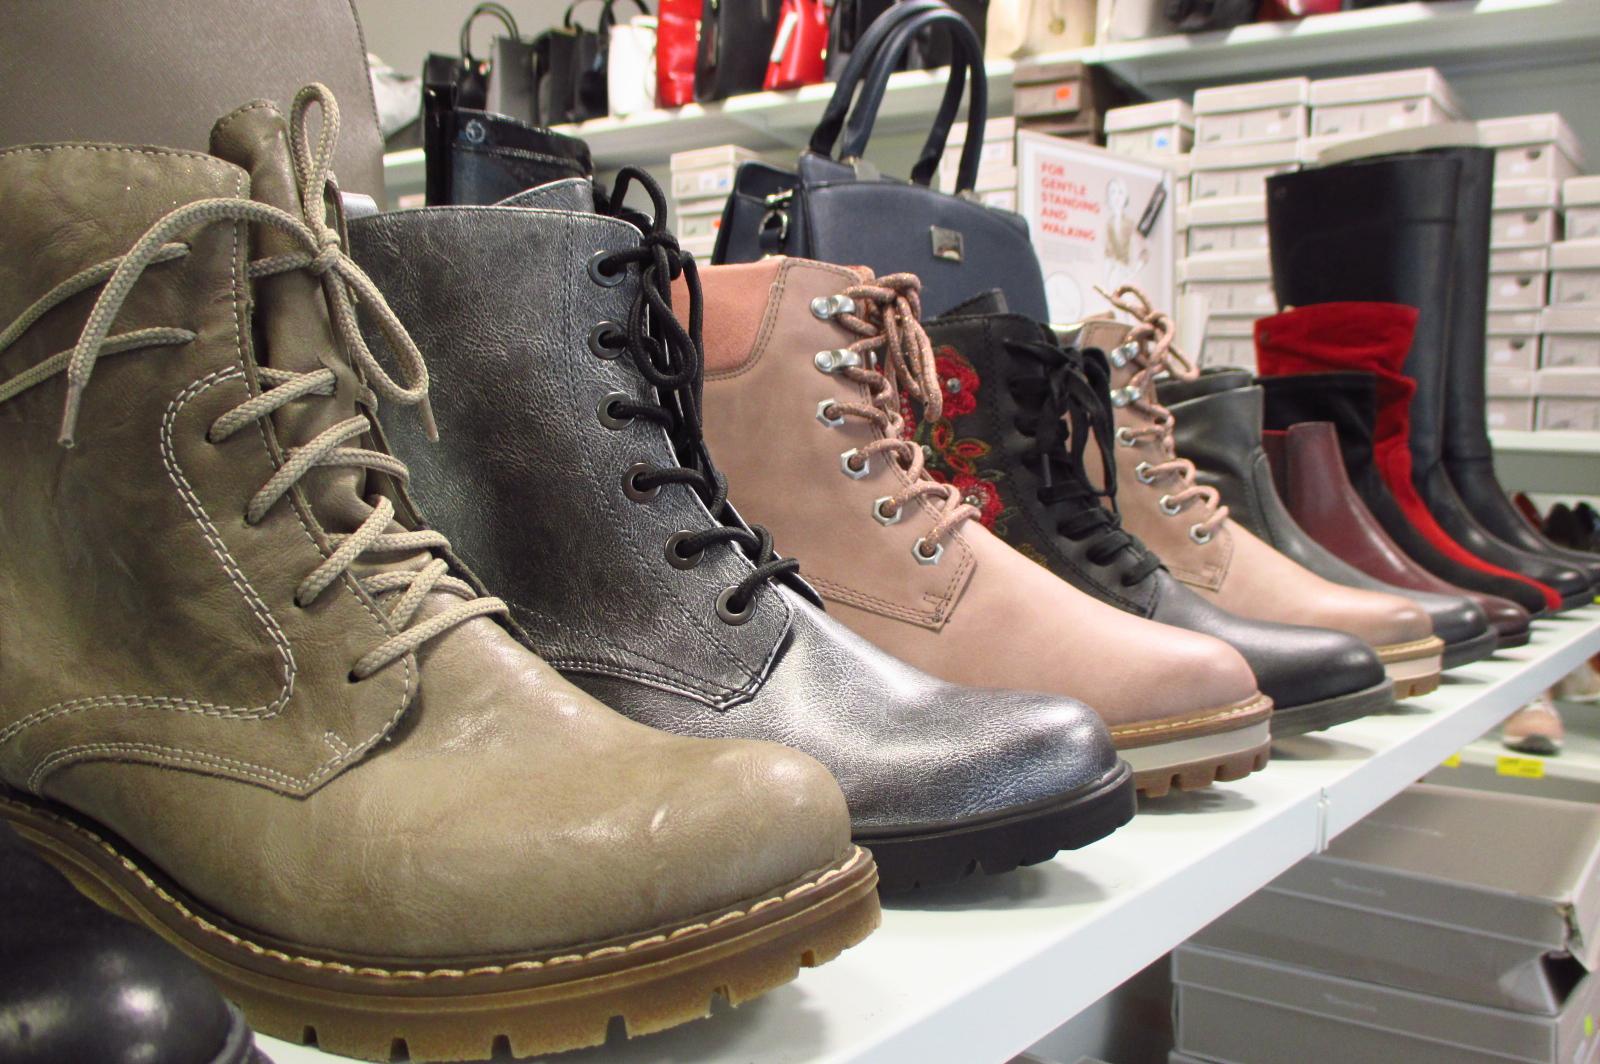 Dámská zimní obuv z usně či syntetických materiálů